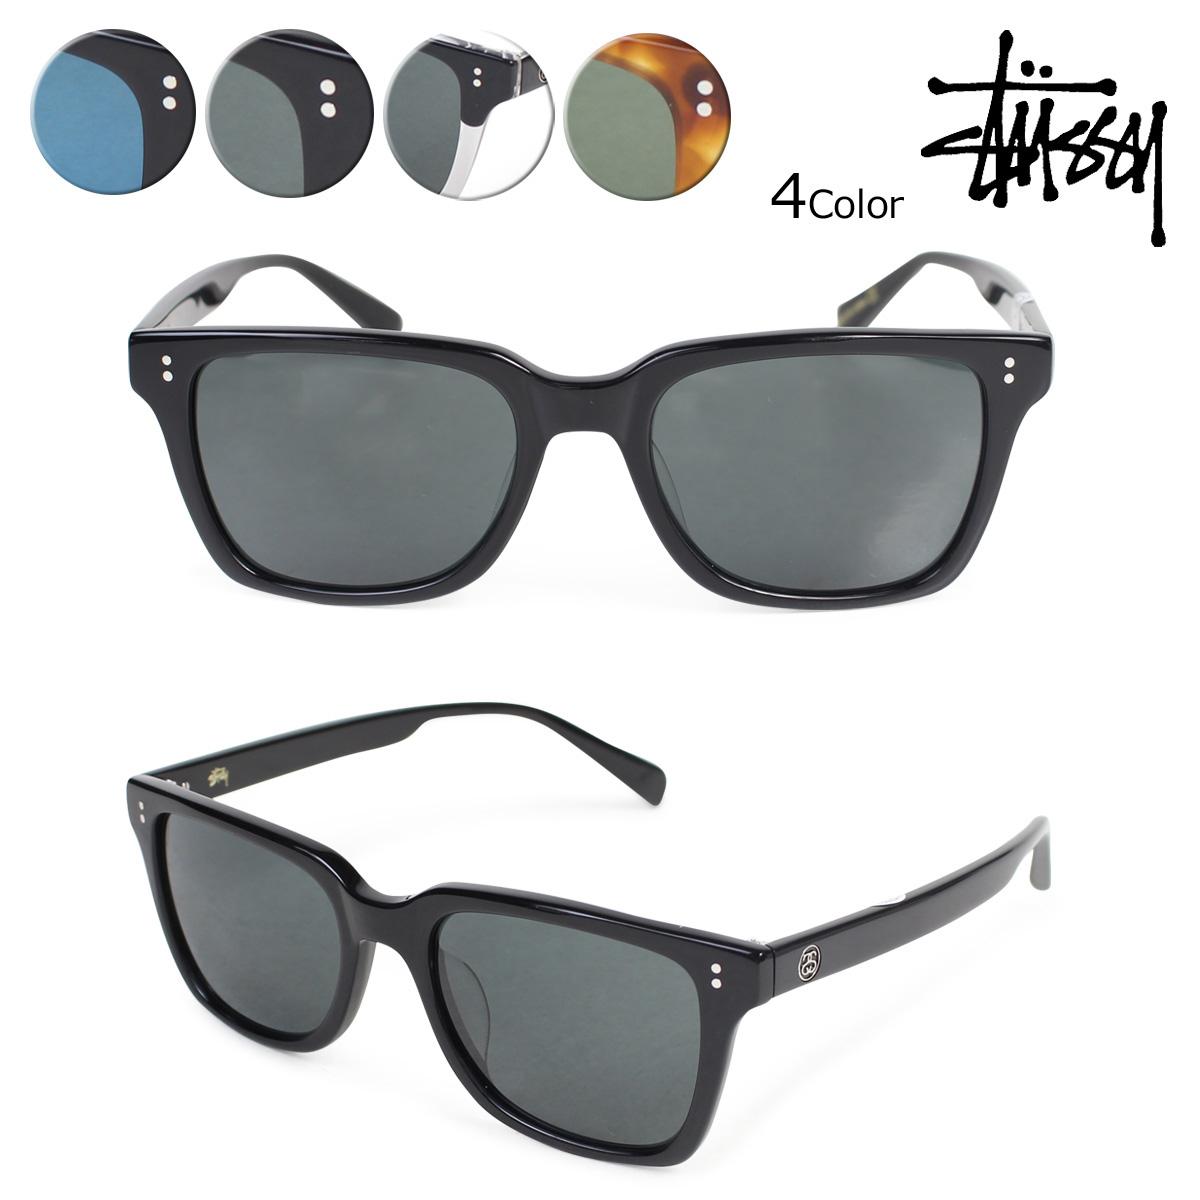 ステューシー STUSSY サングラス メンズ レディース UV カット アンジェロ ANGELO EYEGEAR 140014 4カラー